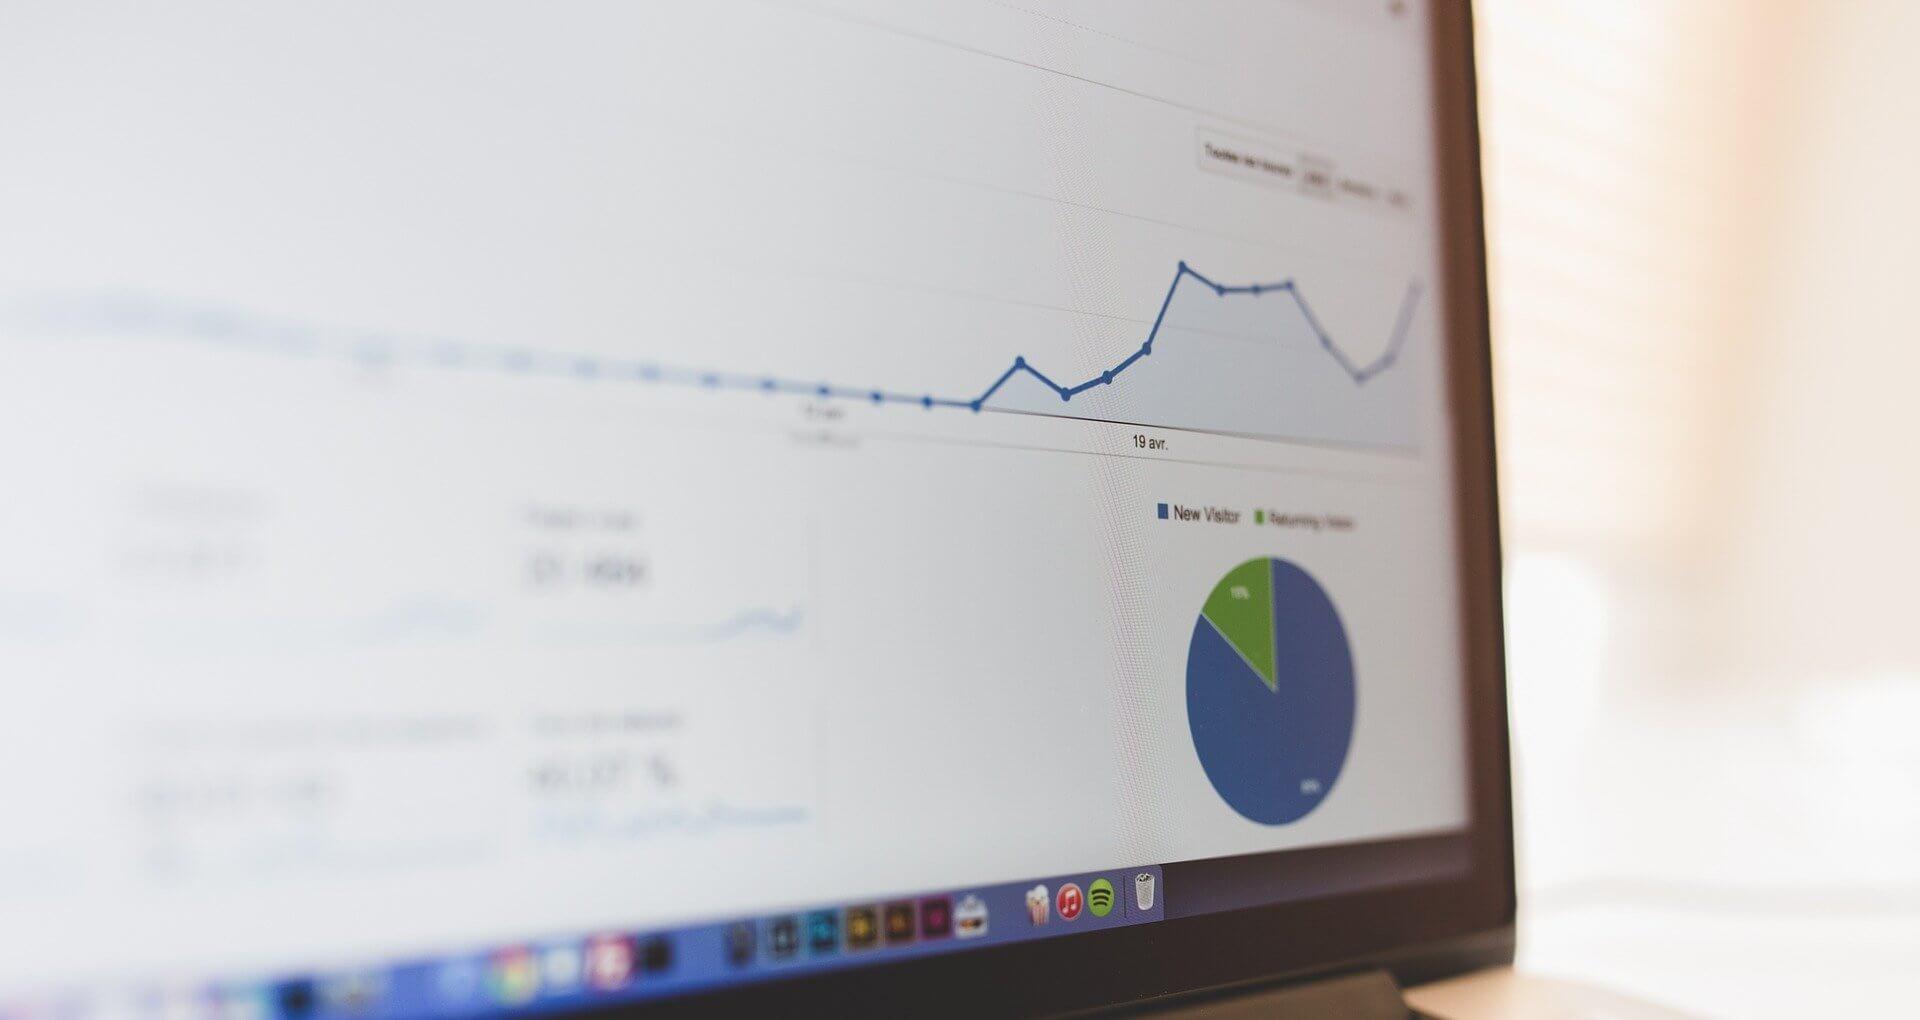 Látogatottságnövelés a Google keresőjéből? Most megmutatom, hogyan csináld hatékonyan!